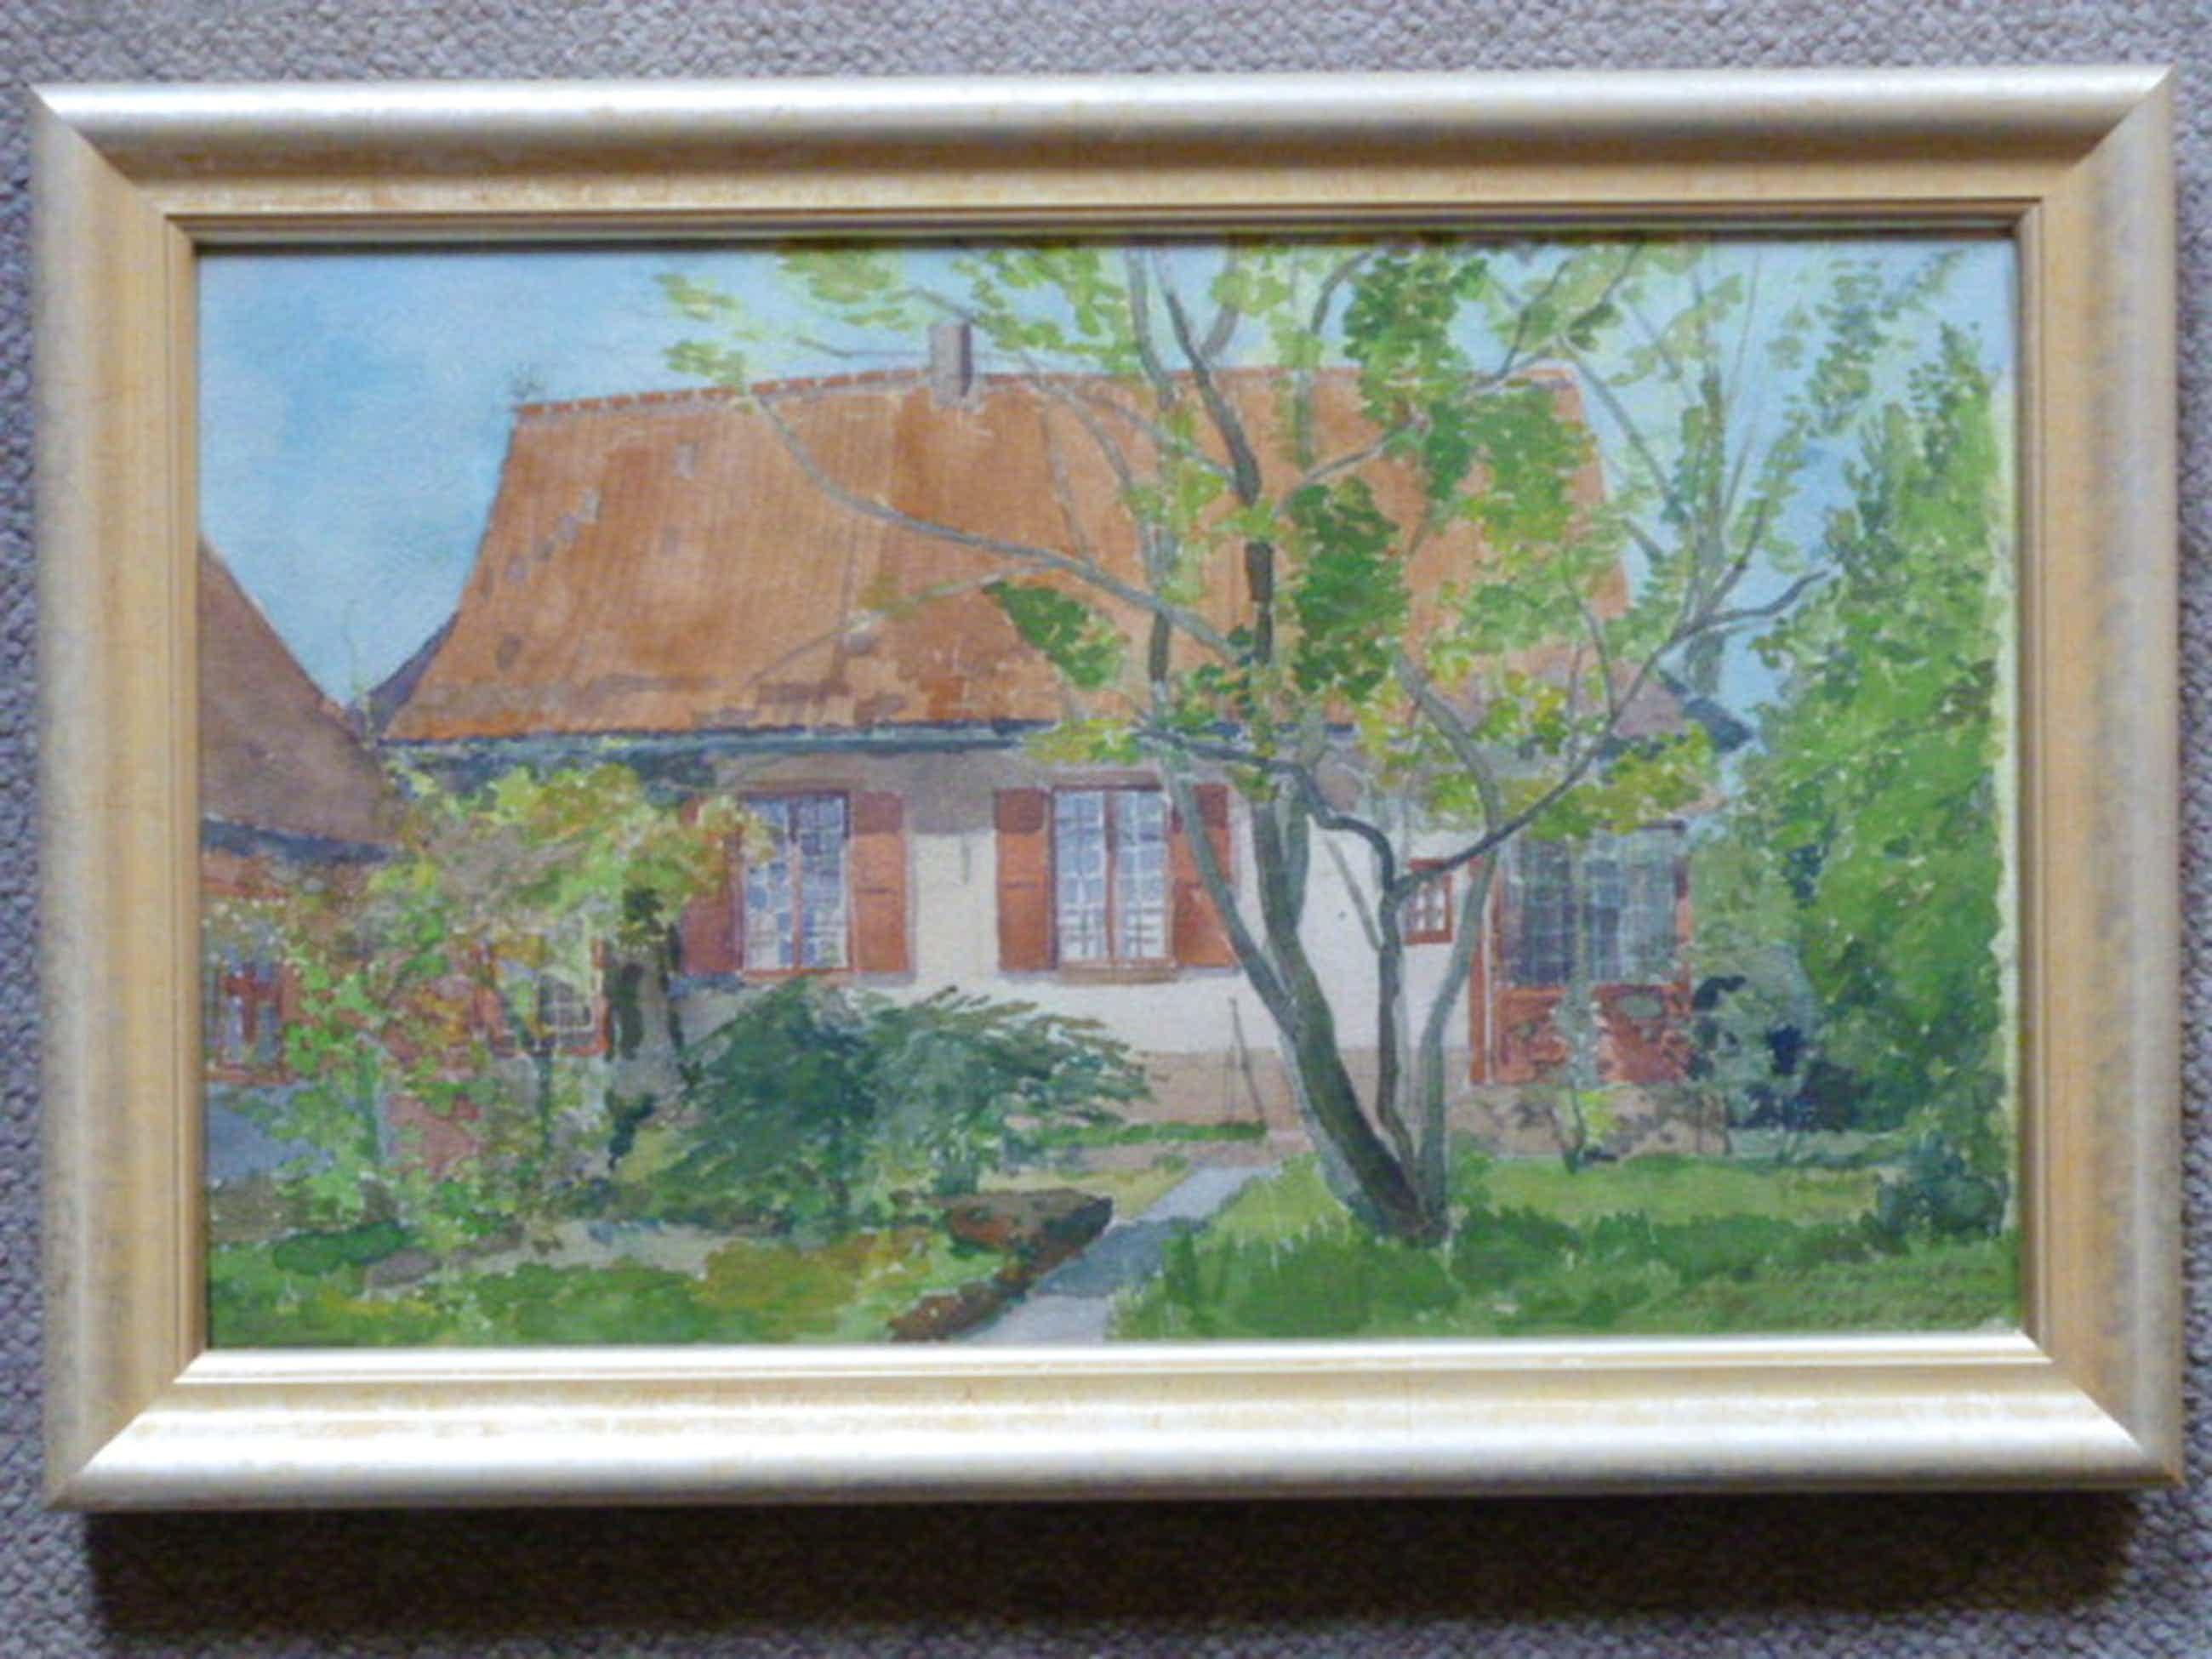 Otto B. de Kat - aquarel - Huis van de kunstenaar in Ukkel, België kopen? Bied vanaf 145!